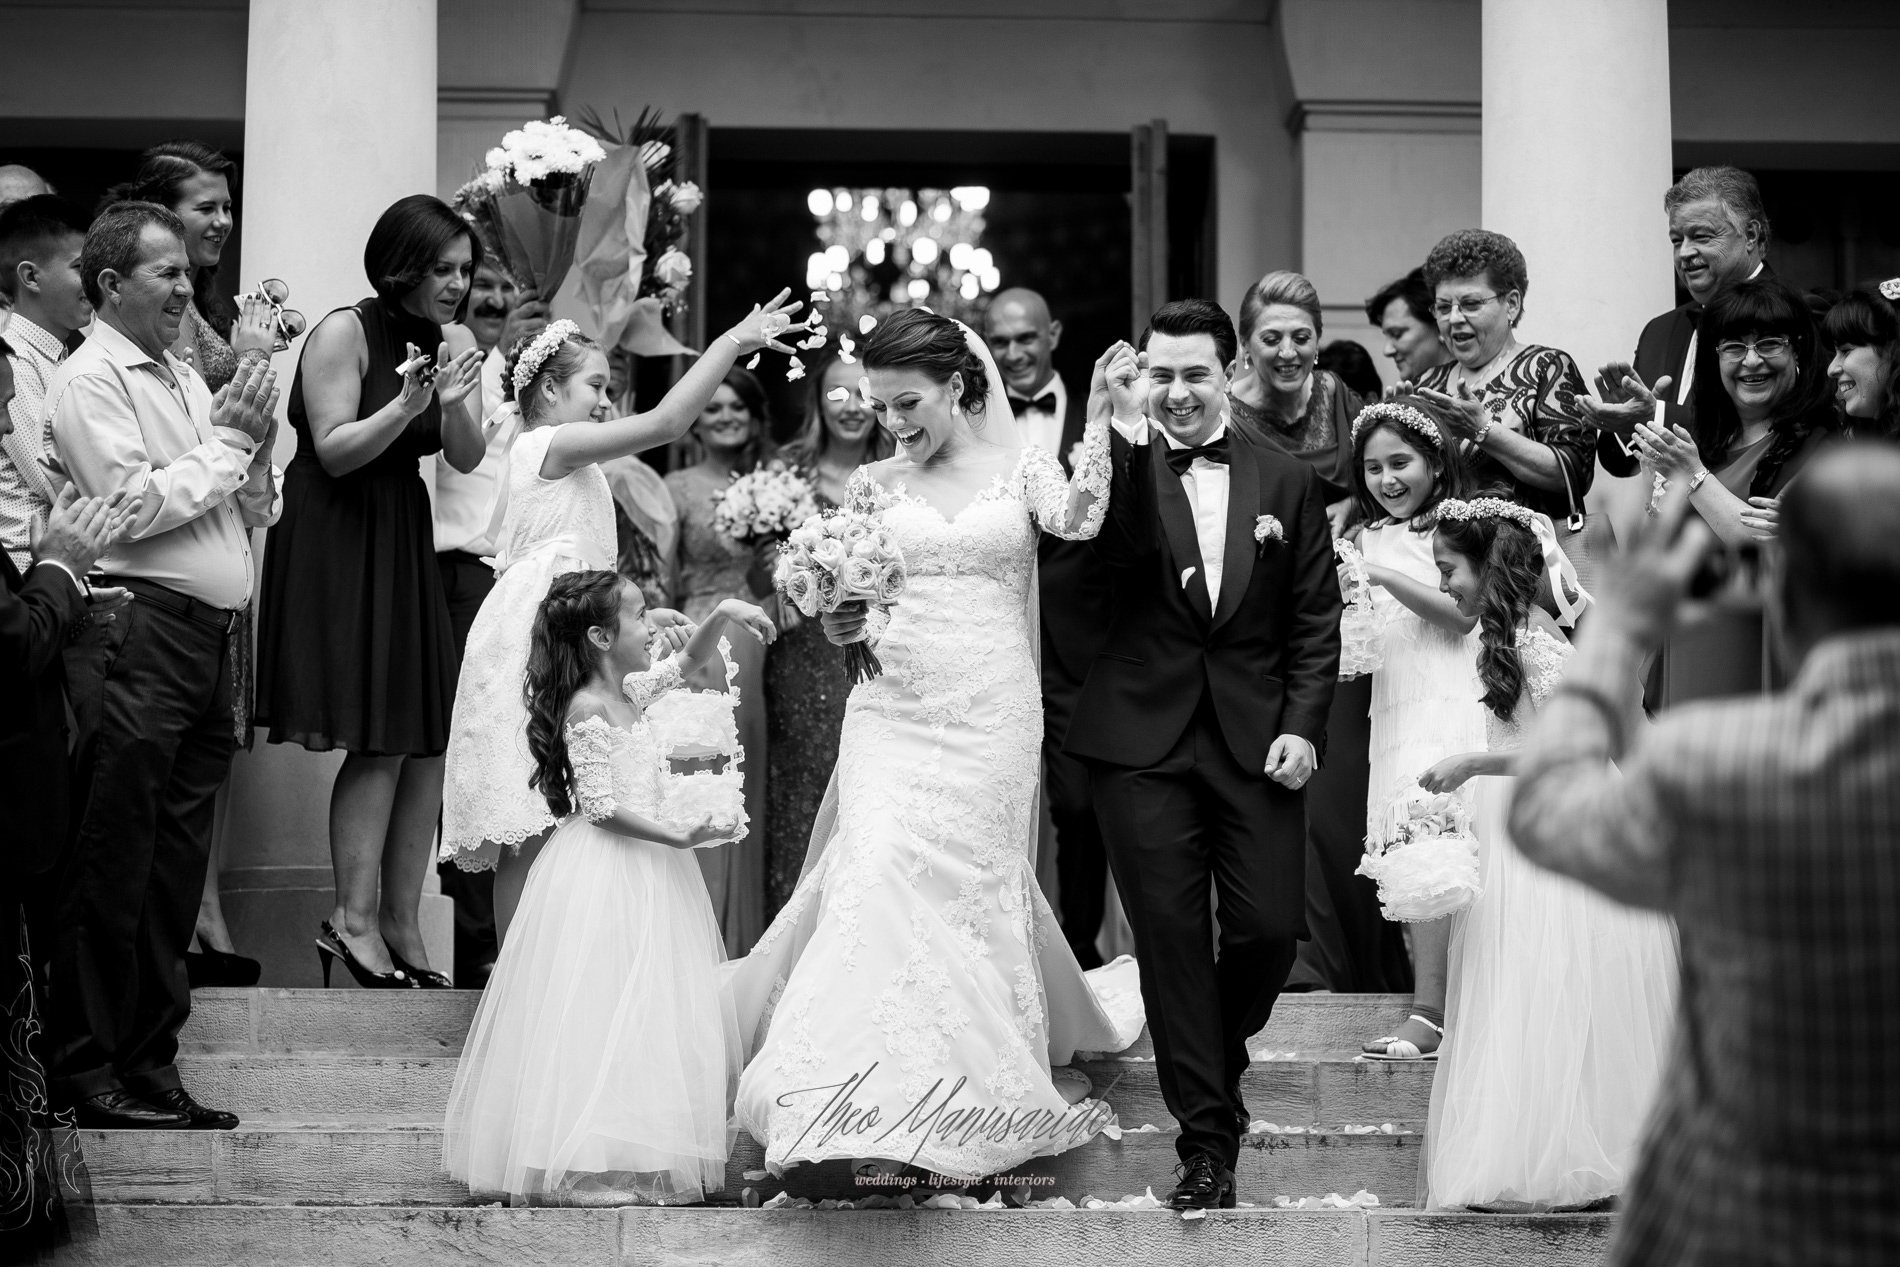 fotograf nunta biavati events-36-2